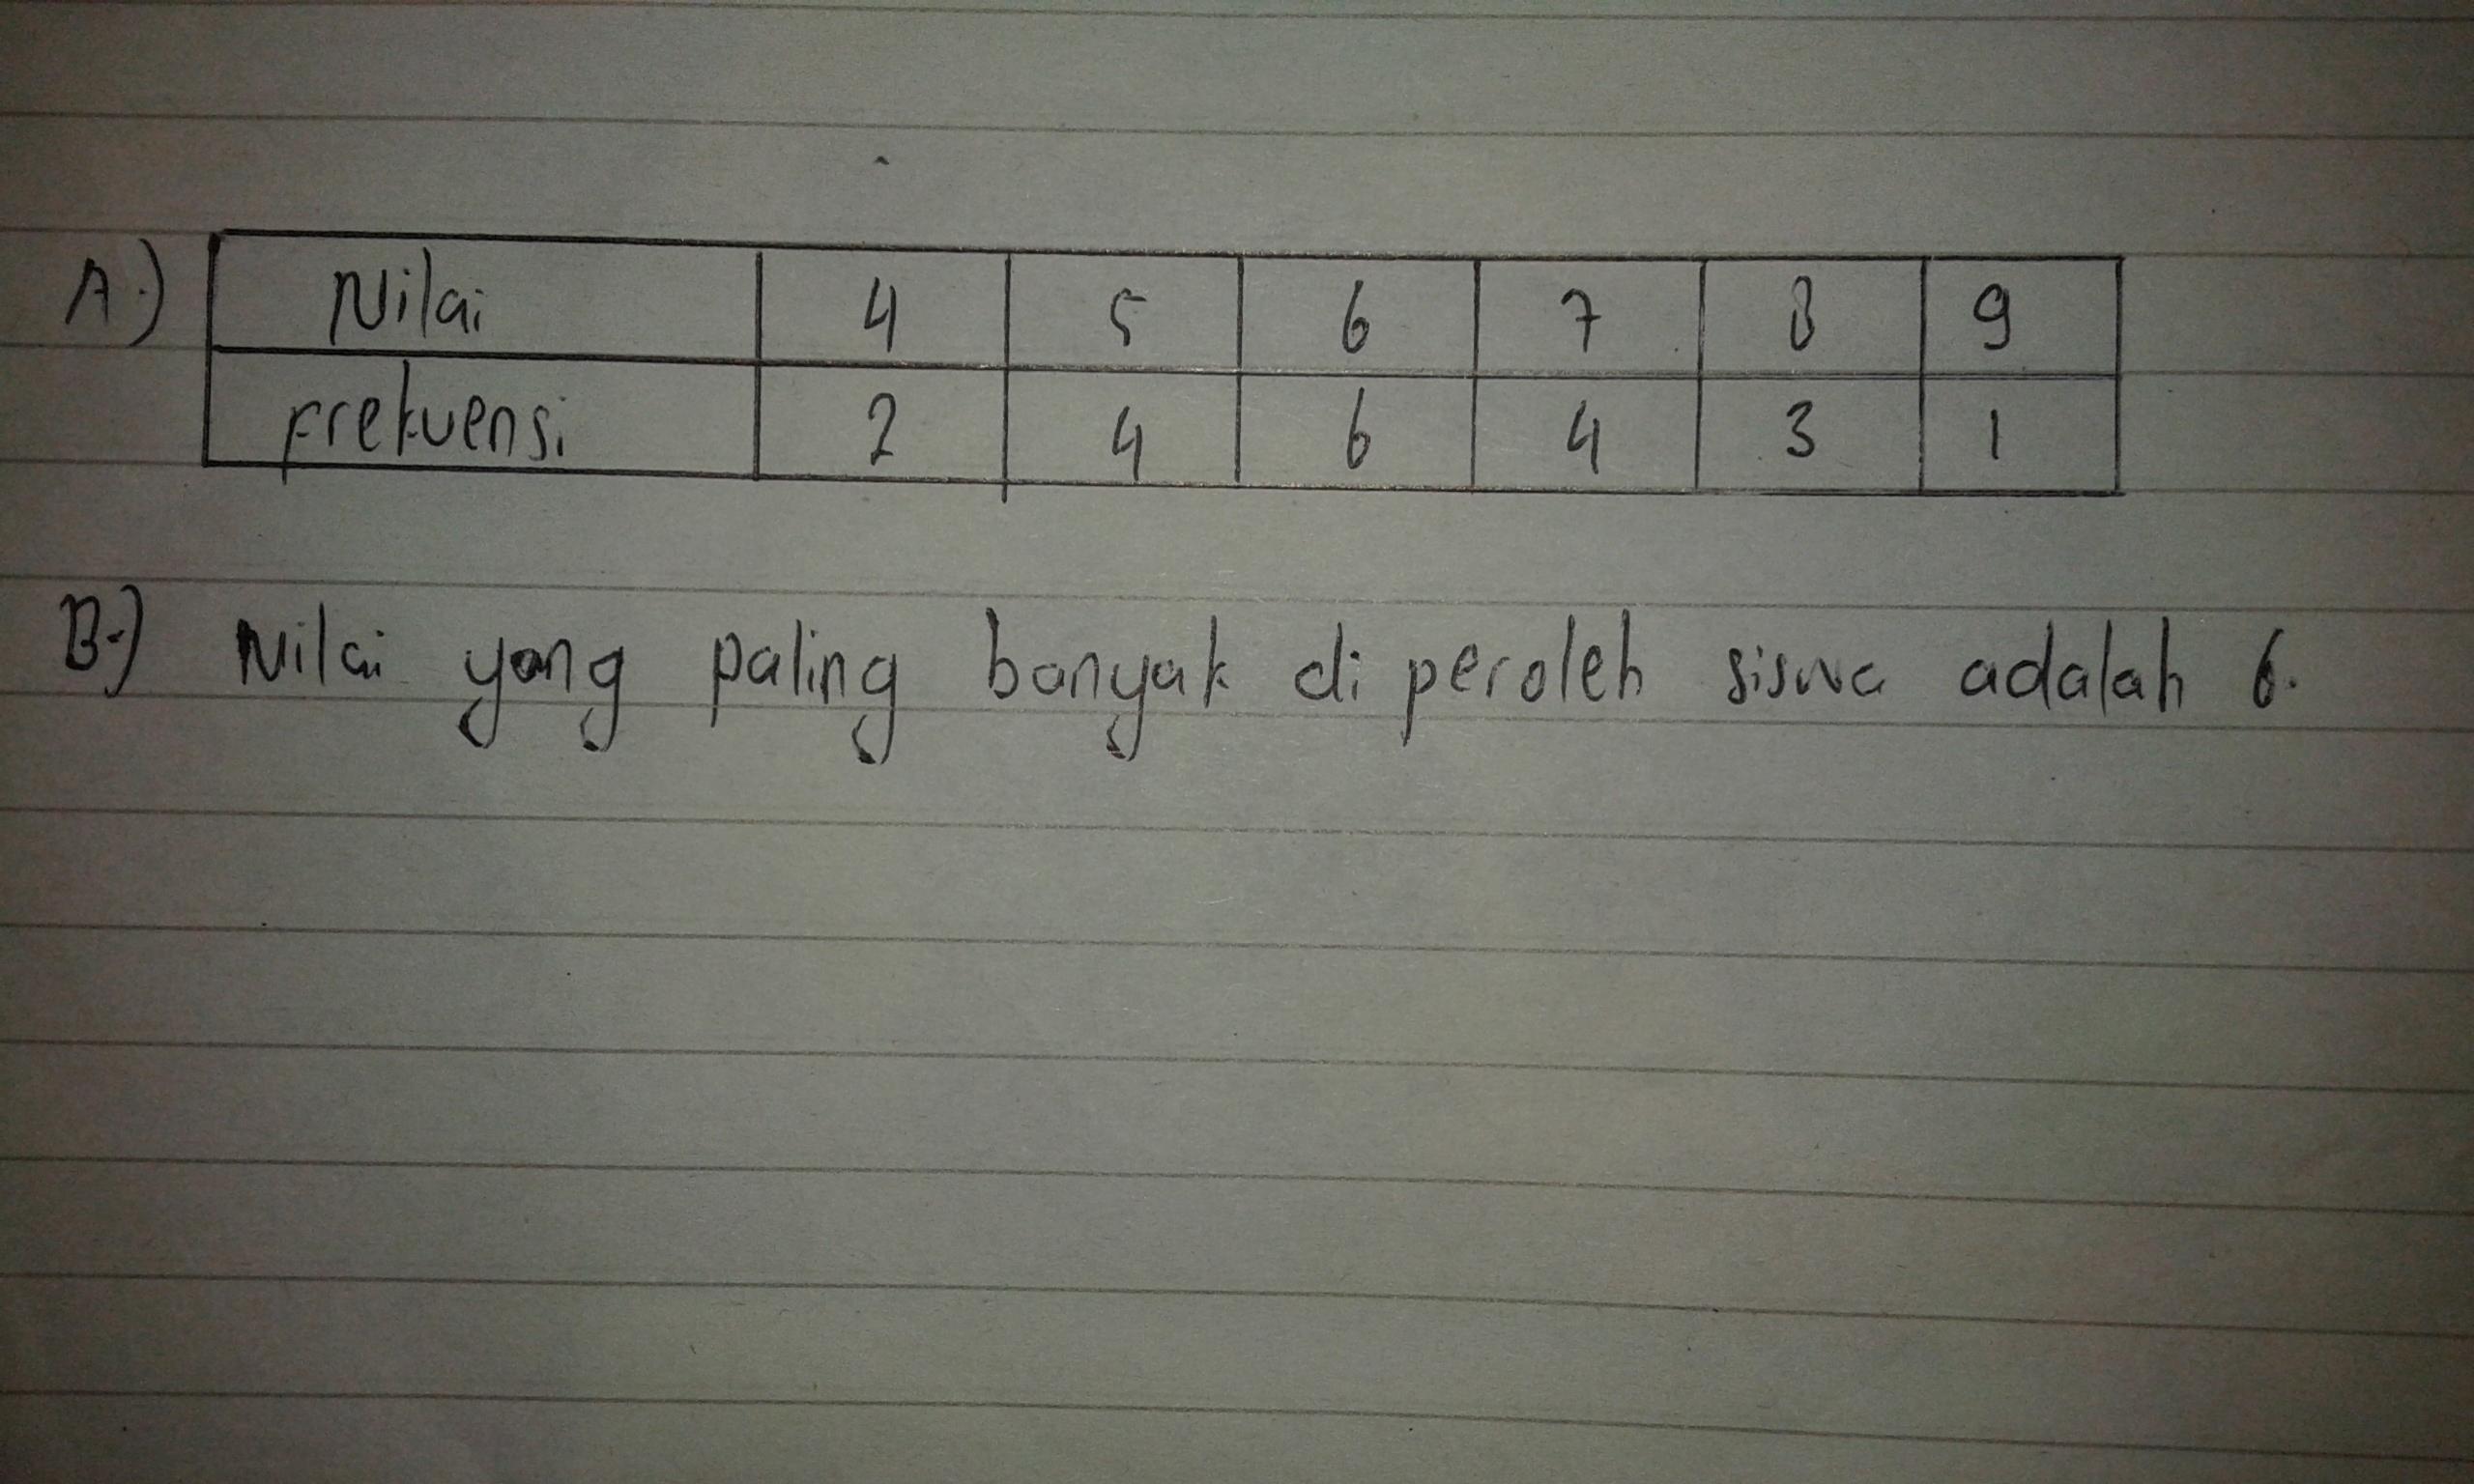 Nilai ulangan matematika dari 20 siswa adalah: 5,6,7,7,6,4 ...